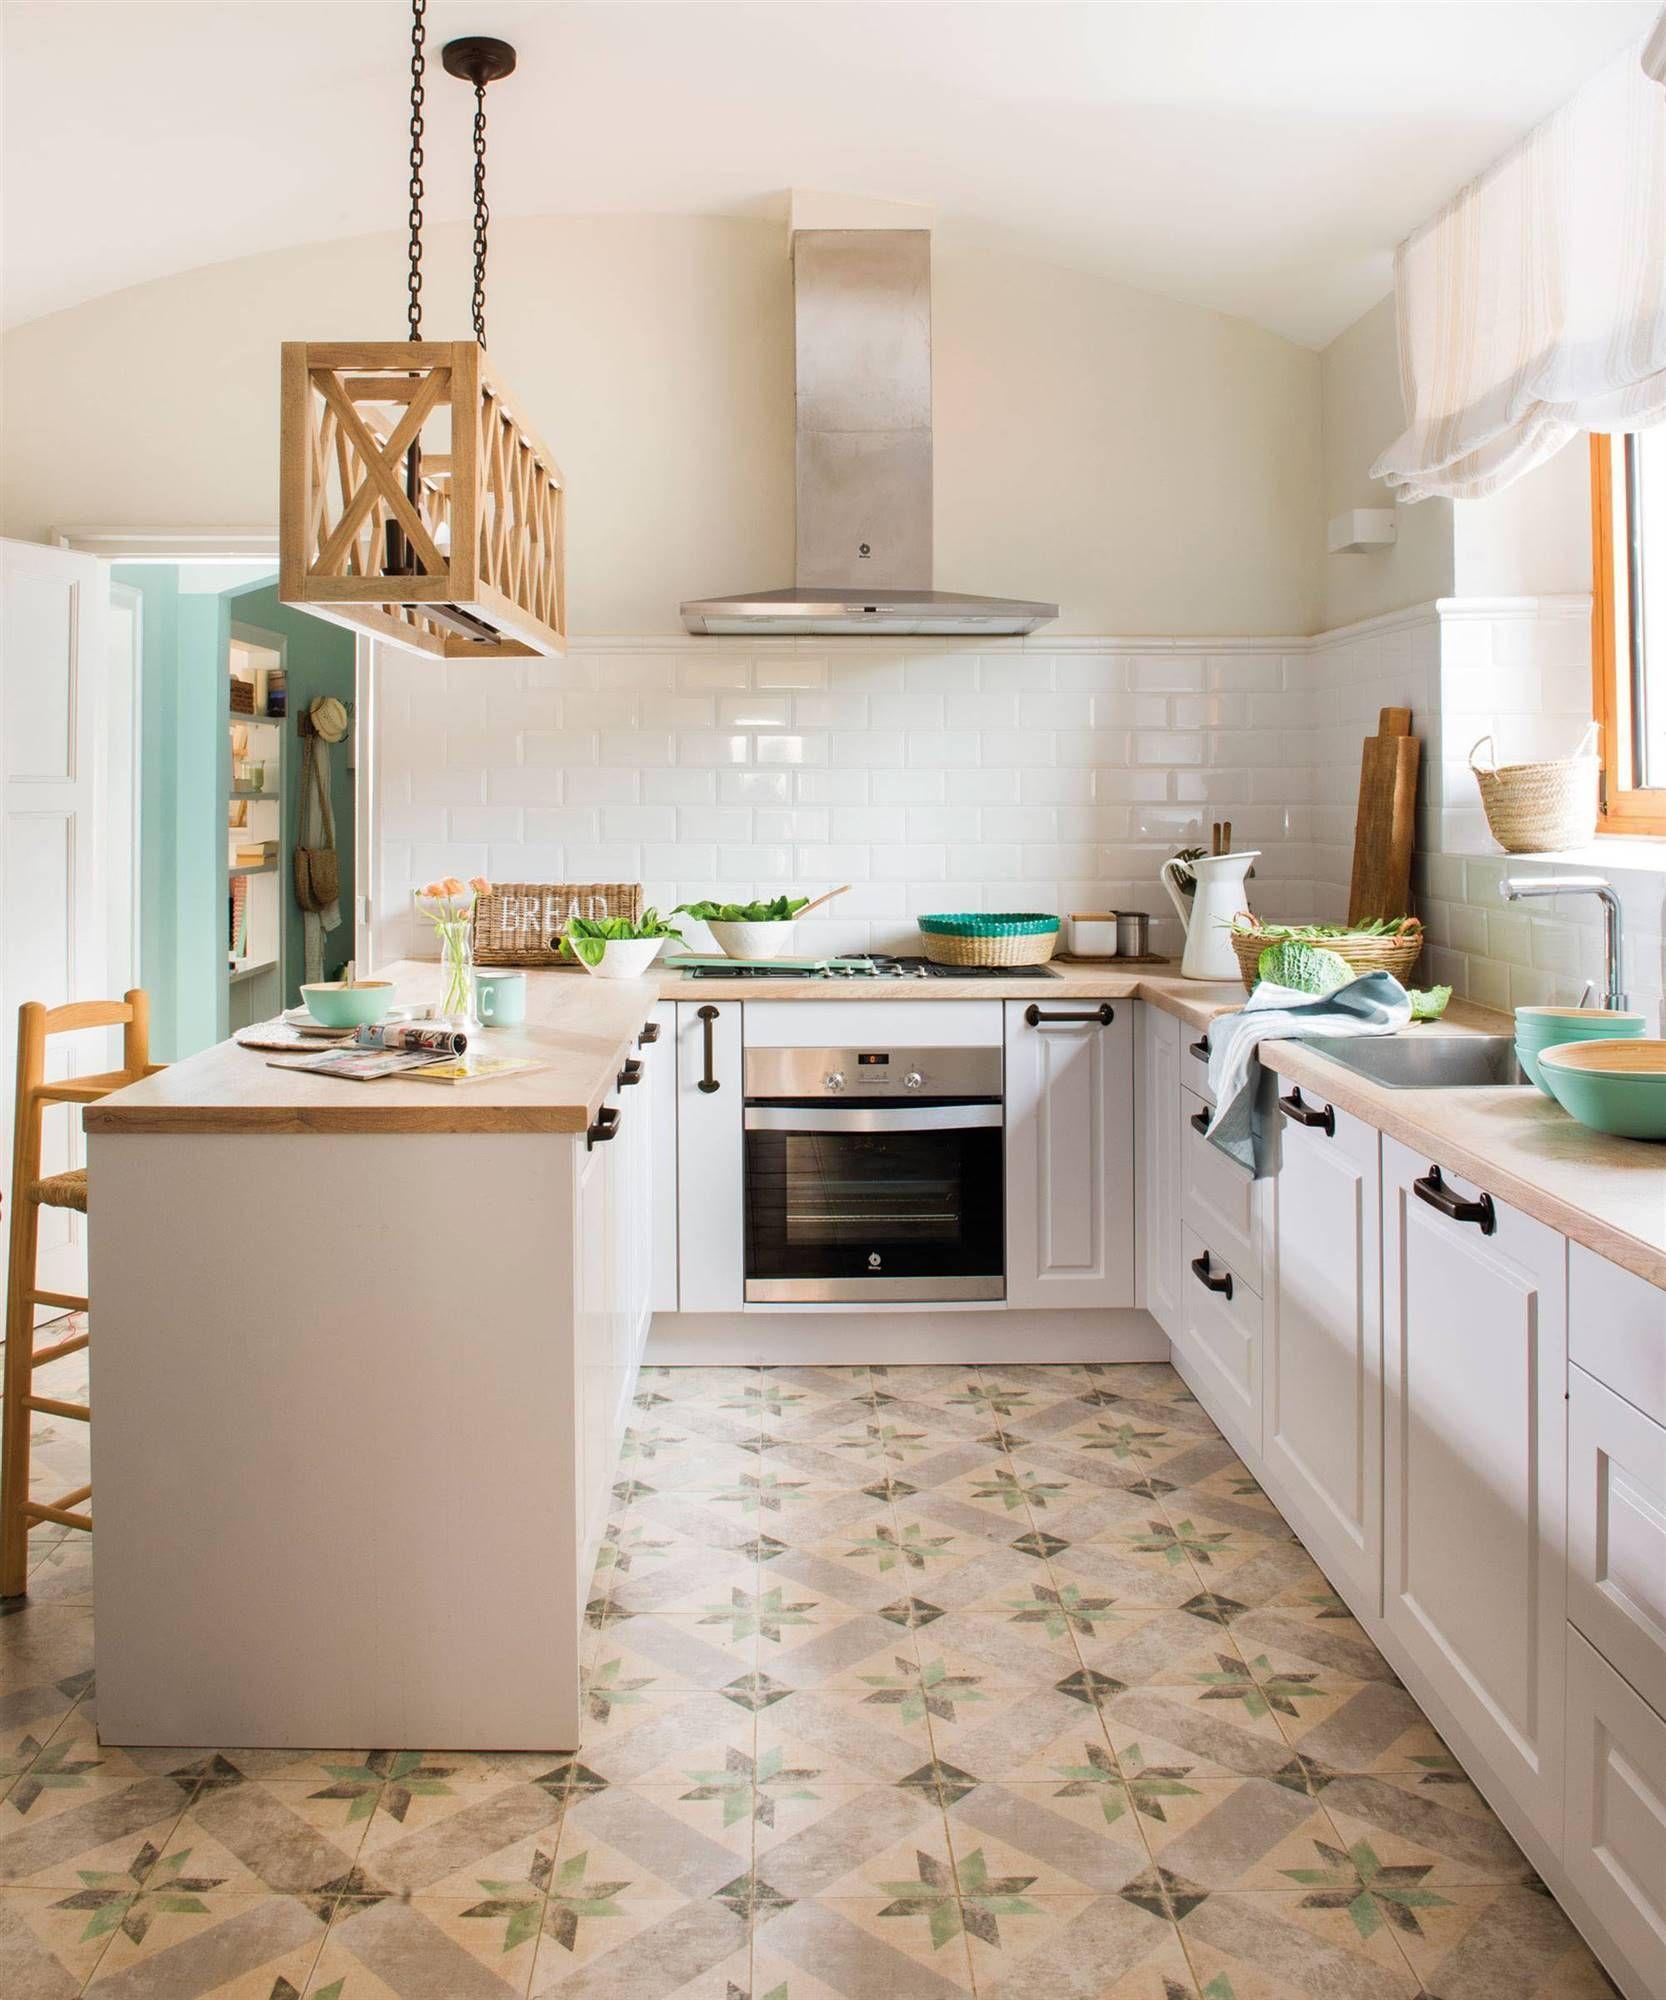 Blanco y madera etxea en 2019 cocinas r sticas suelos - Suelo madera cocina ...